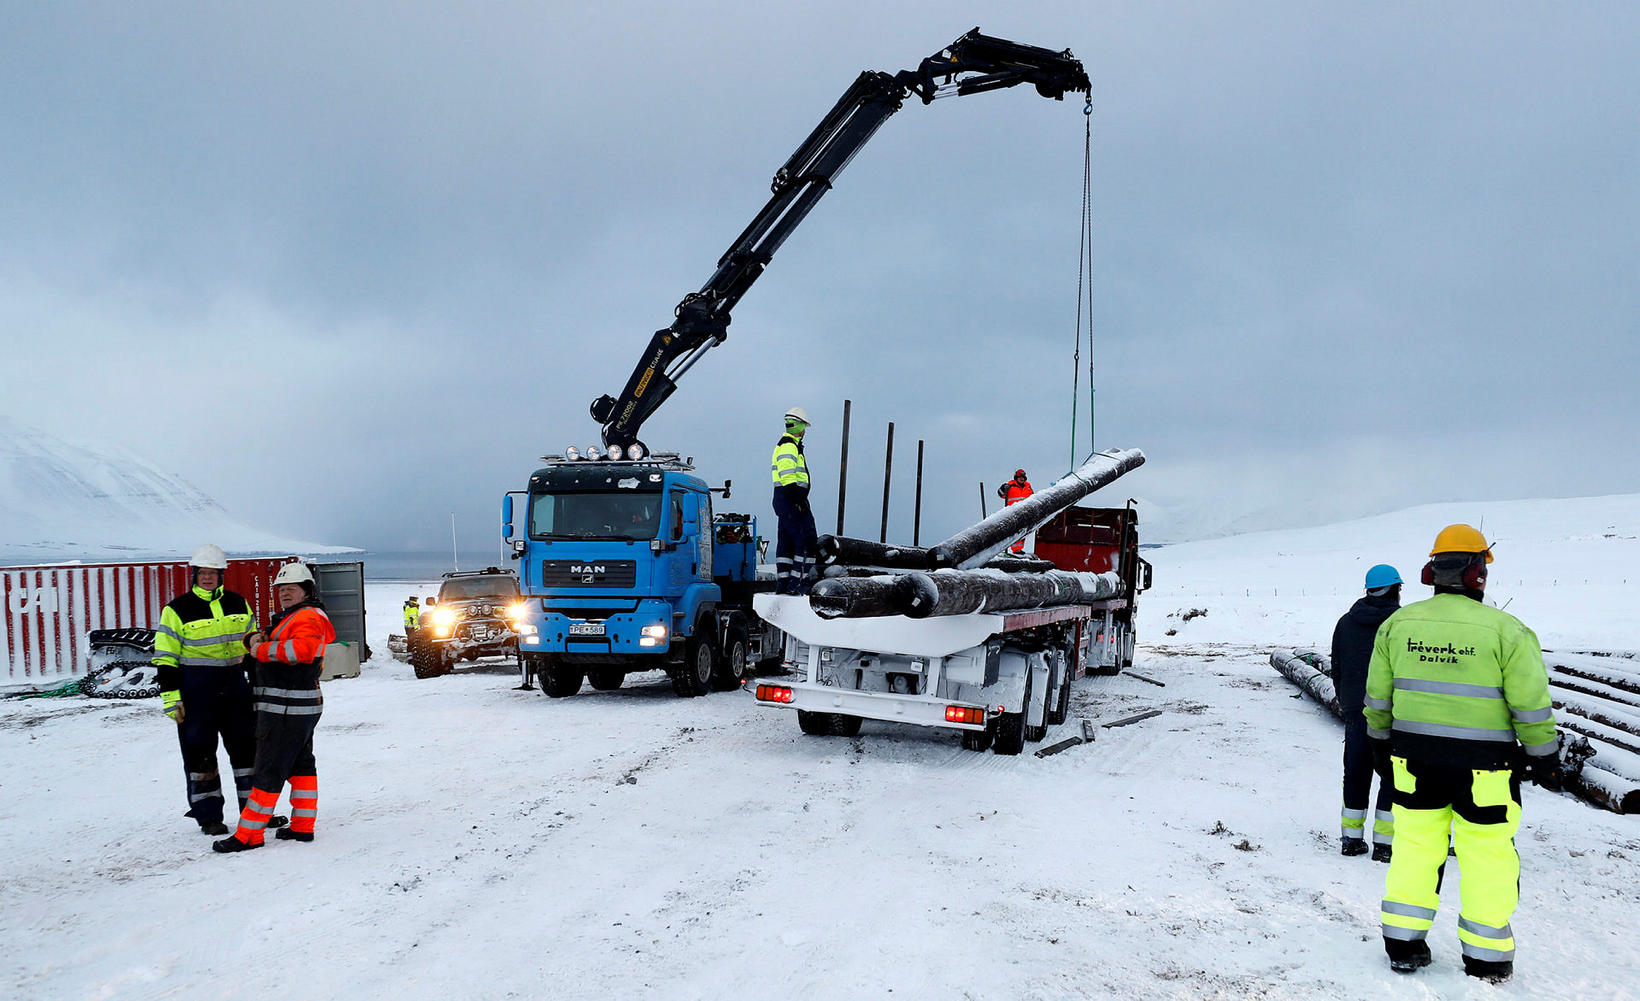 Starfsmenn Landsnets undirbúa viðgerðir á Dalvíkurlínu.